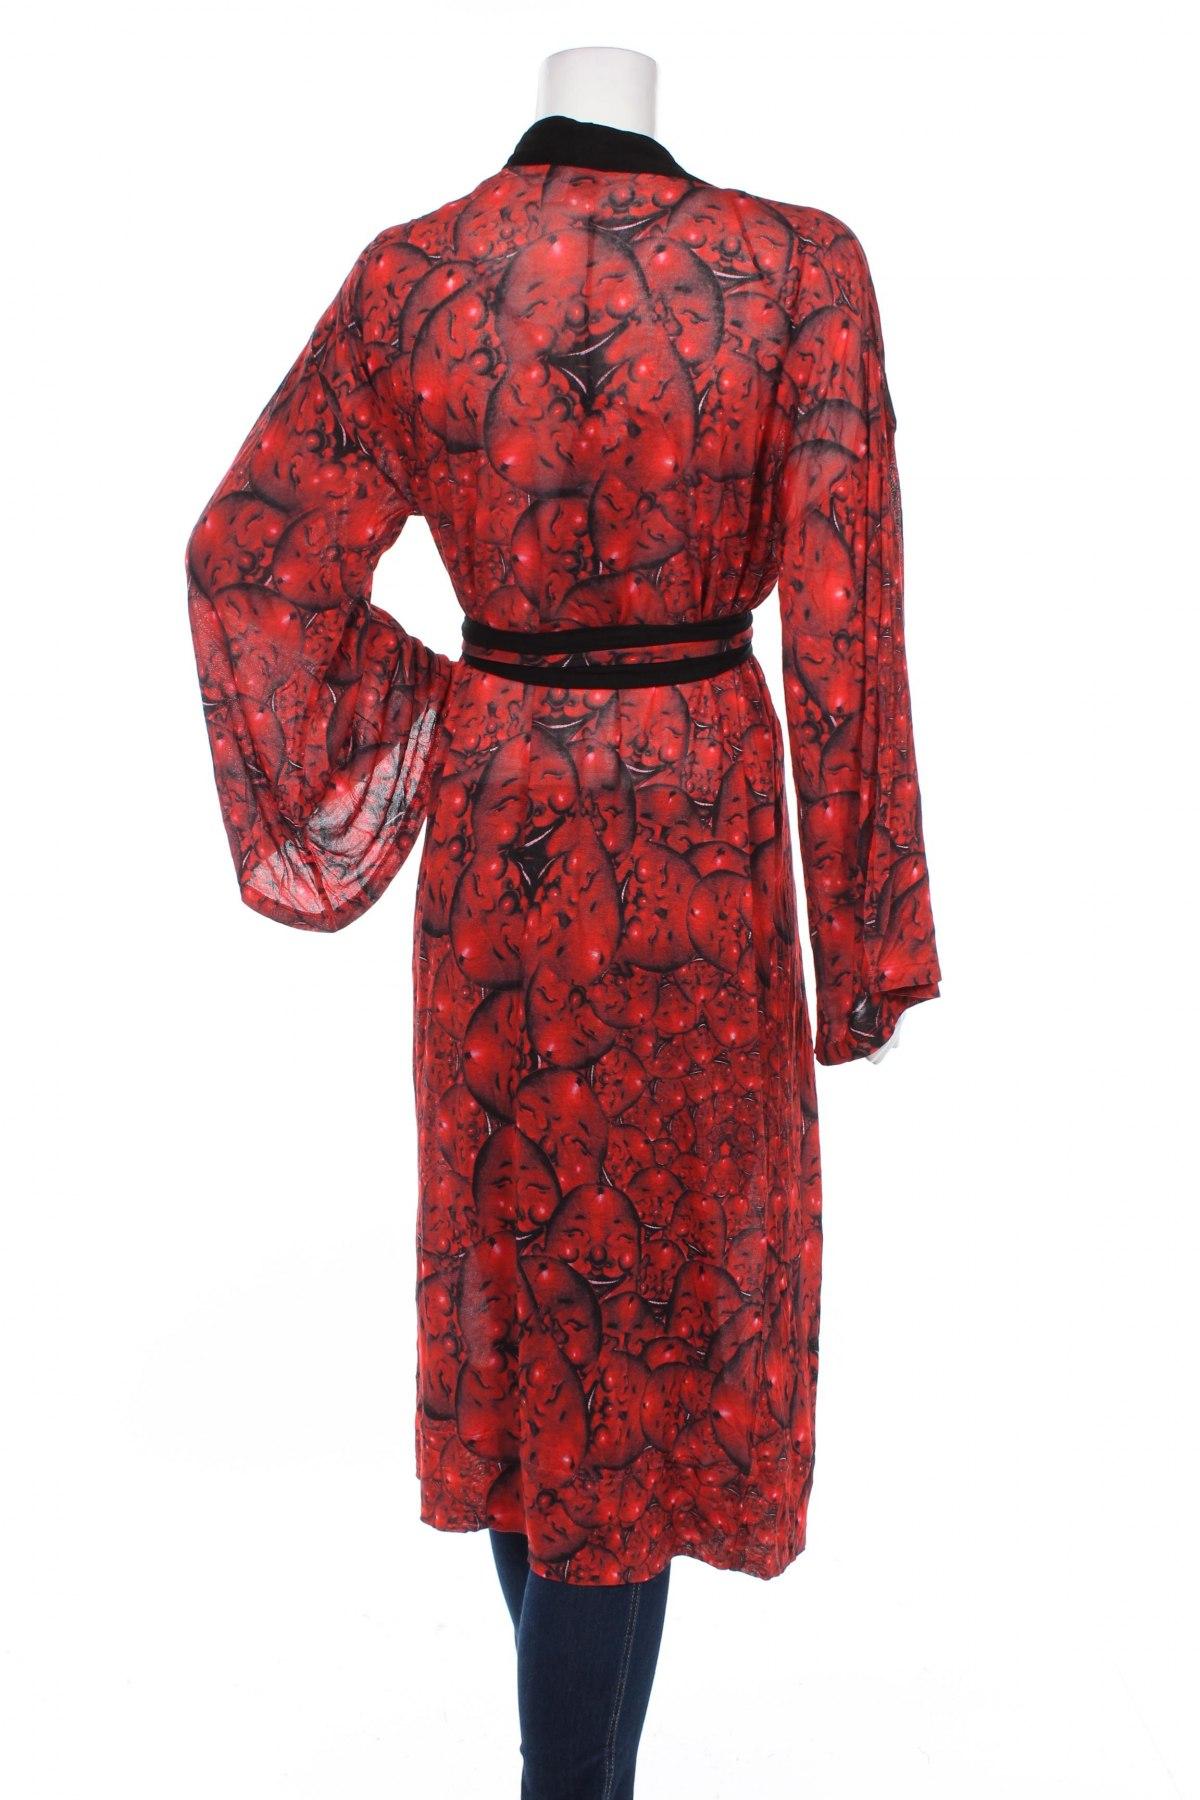 best sell wide varieties discount shop Dámsky kardigán S.Oliver x Qiu Shengxian - koupit za vyhodné ...